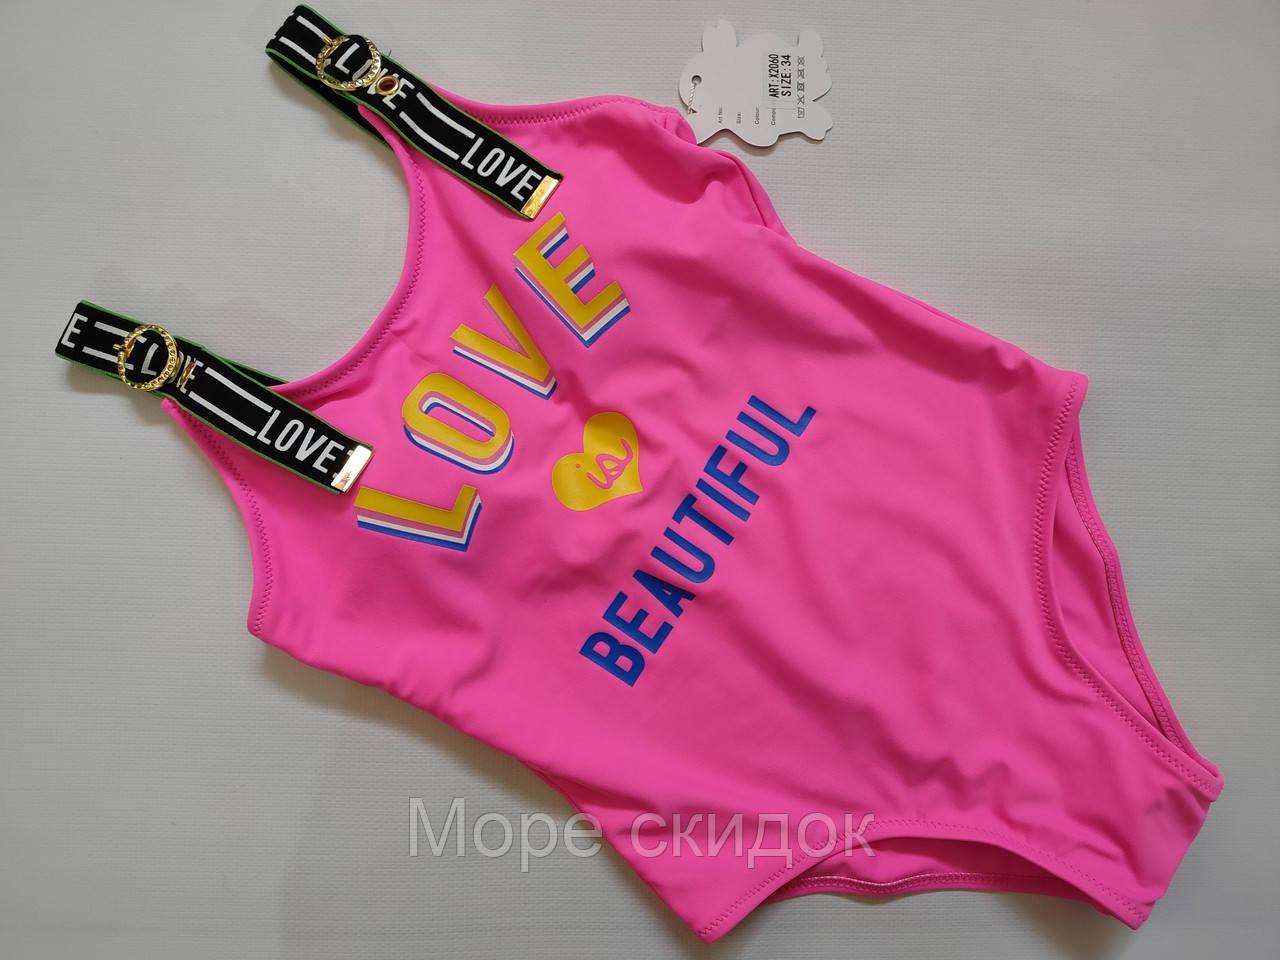 Купальник  подростковый 2060 FUBA  Бьютифул розовый(В НАЛИЧИИ ТОЛЬКО   34 36 38 40 42      размеры)